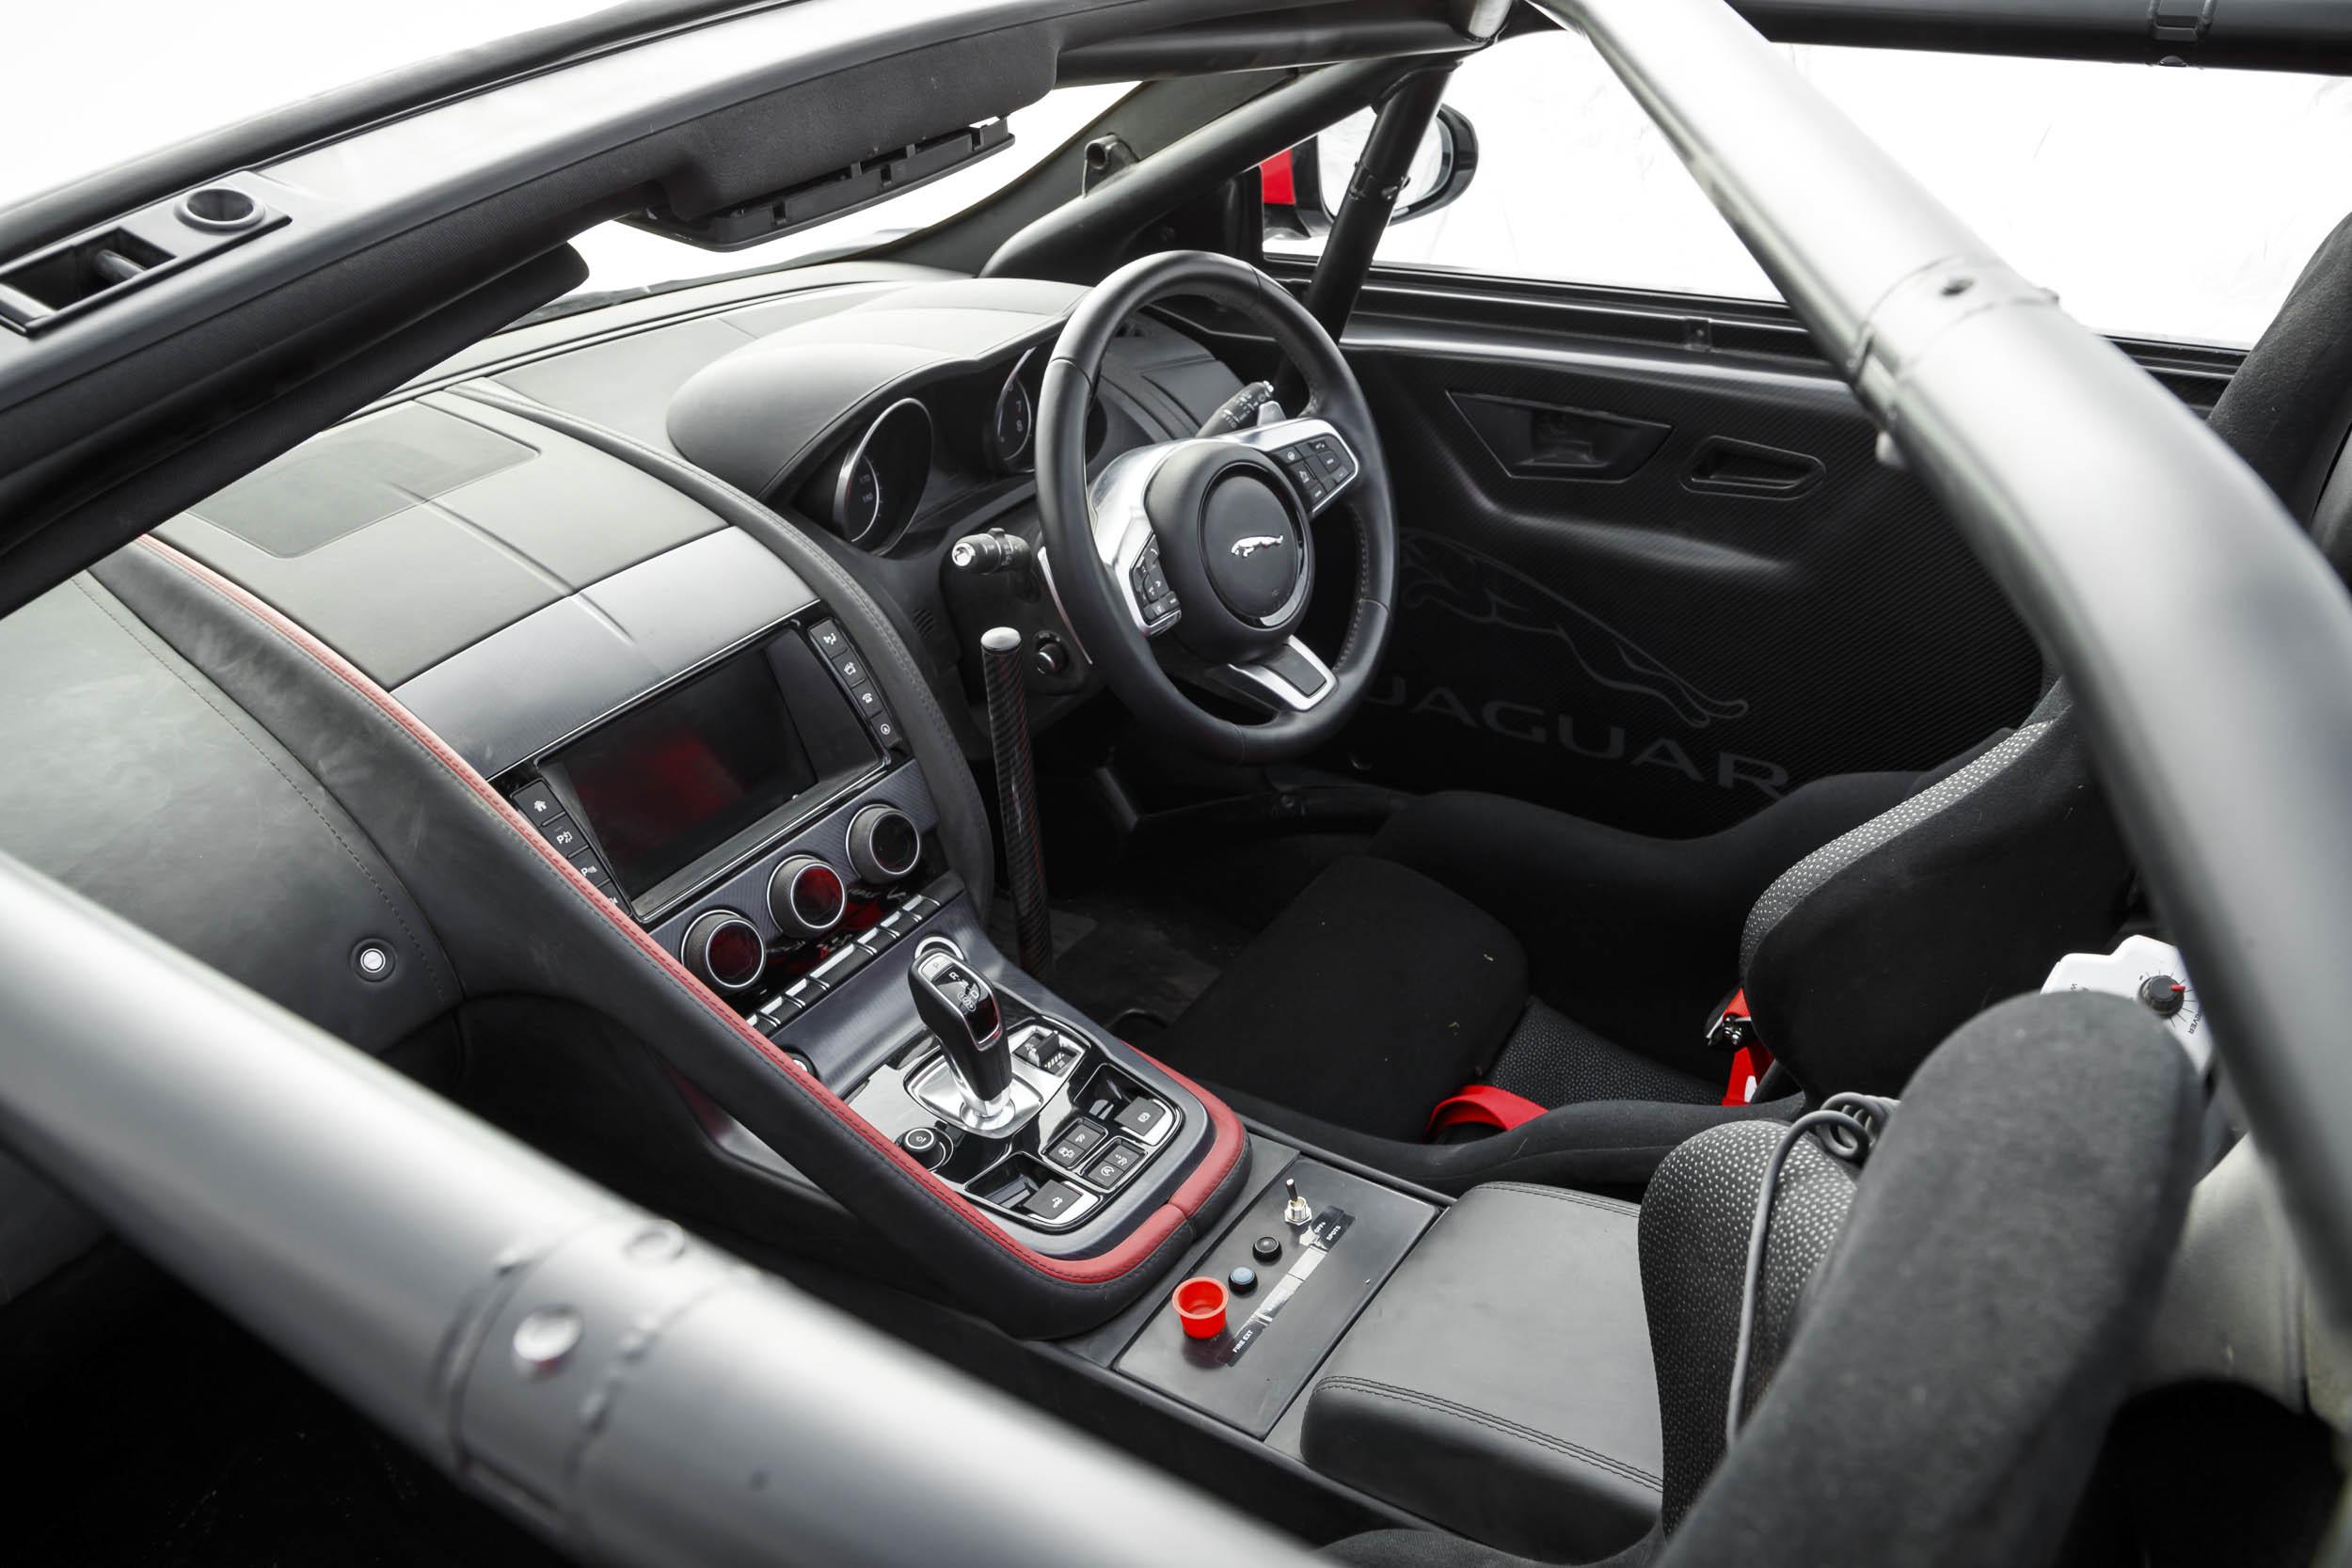 Jaguar F-type convertible rally car interior